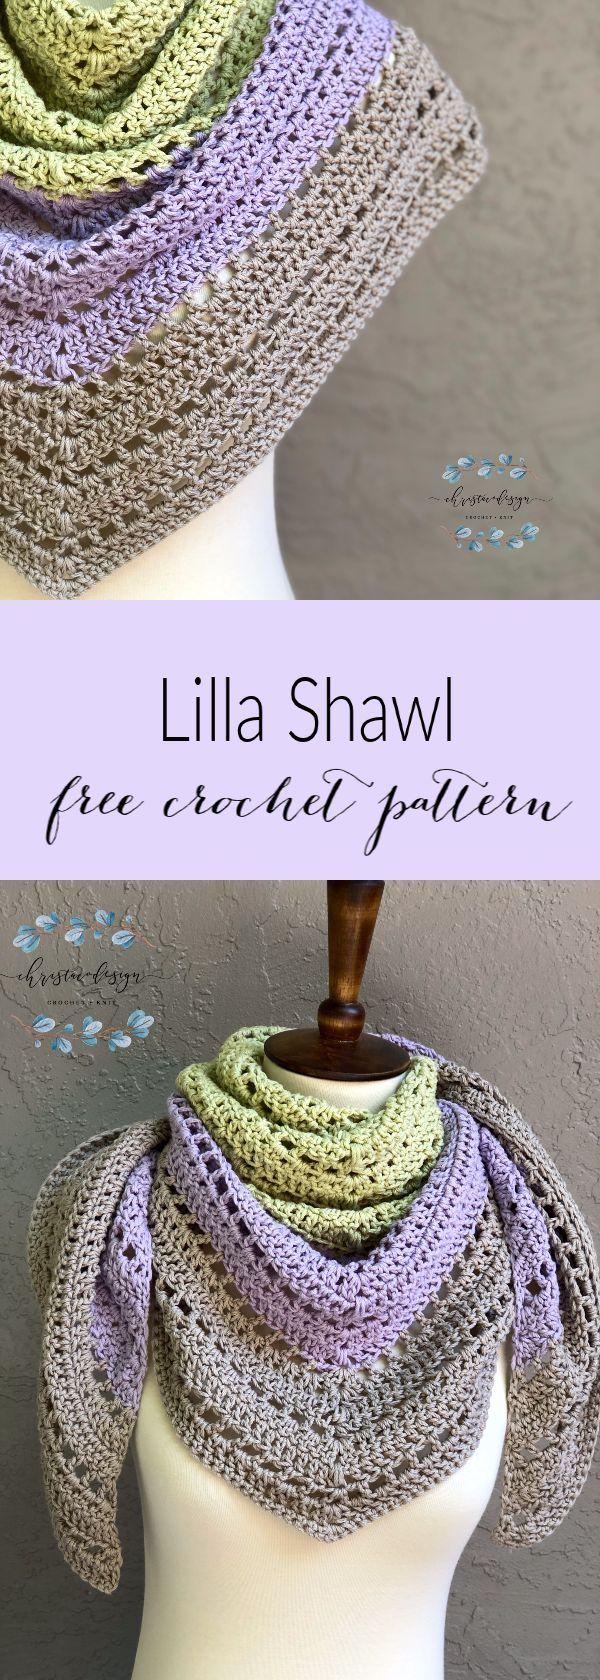 Lilla Shawl a Free Crochet Triangle Shawl Pattern - ChristaCoDesign